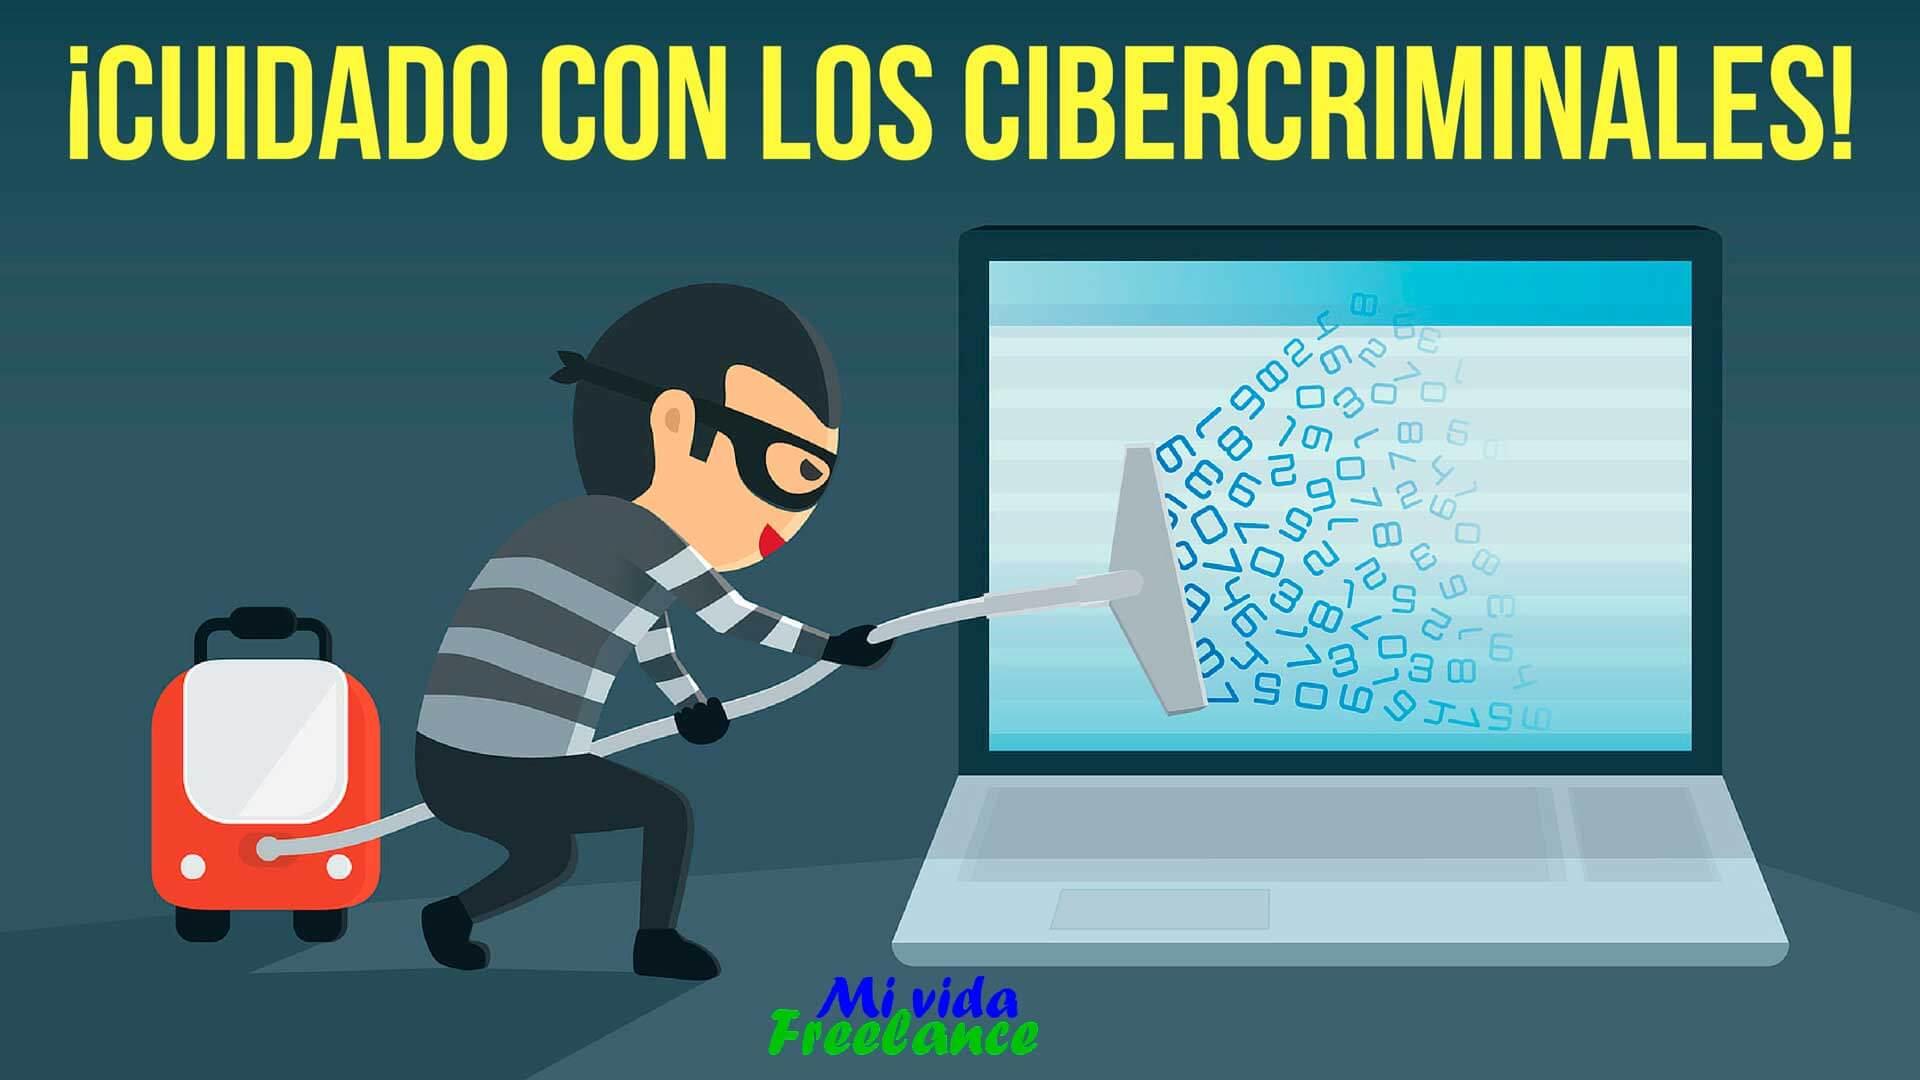 Cuidado con los cibercriminales que se hacen pasar por clientes